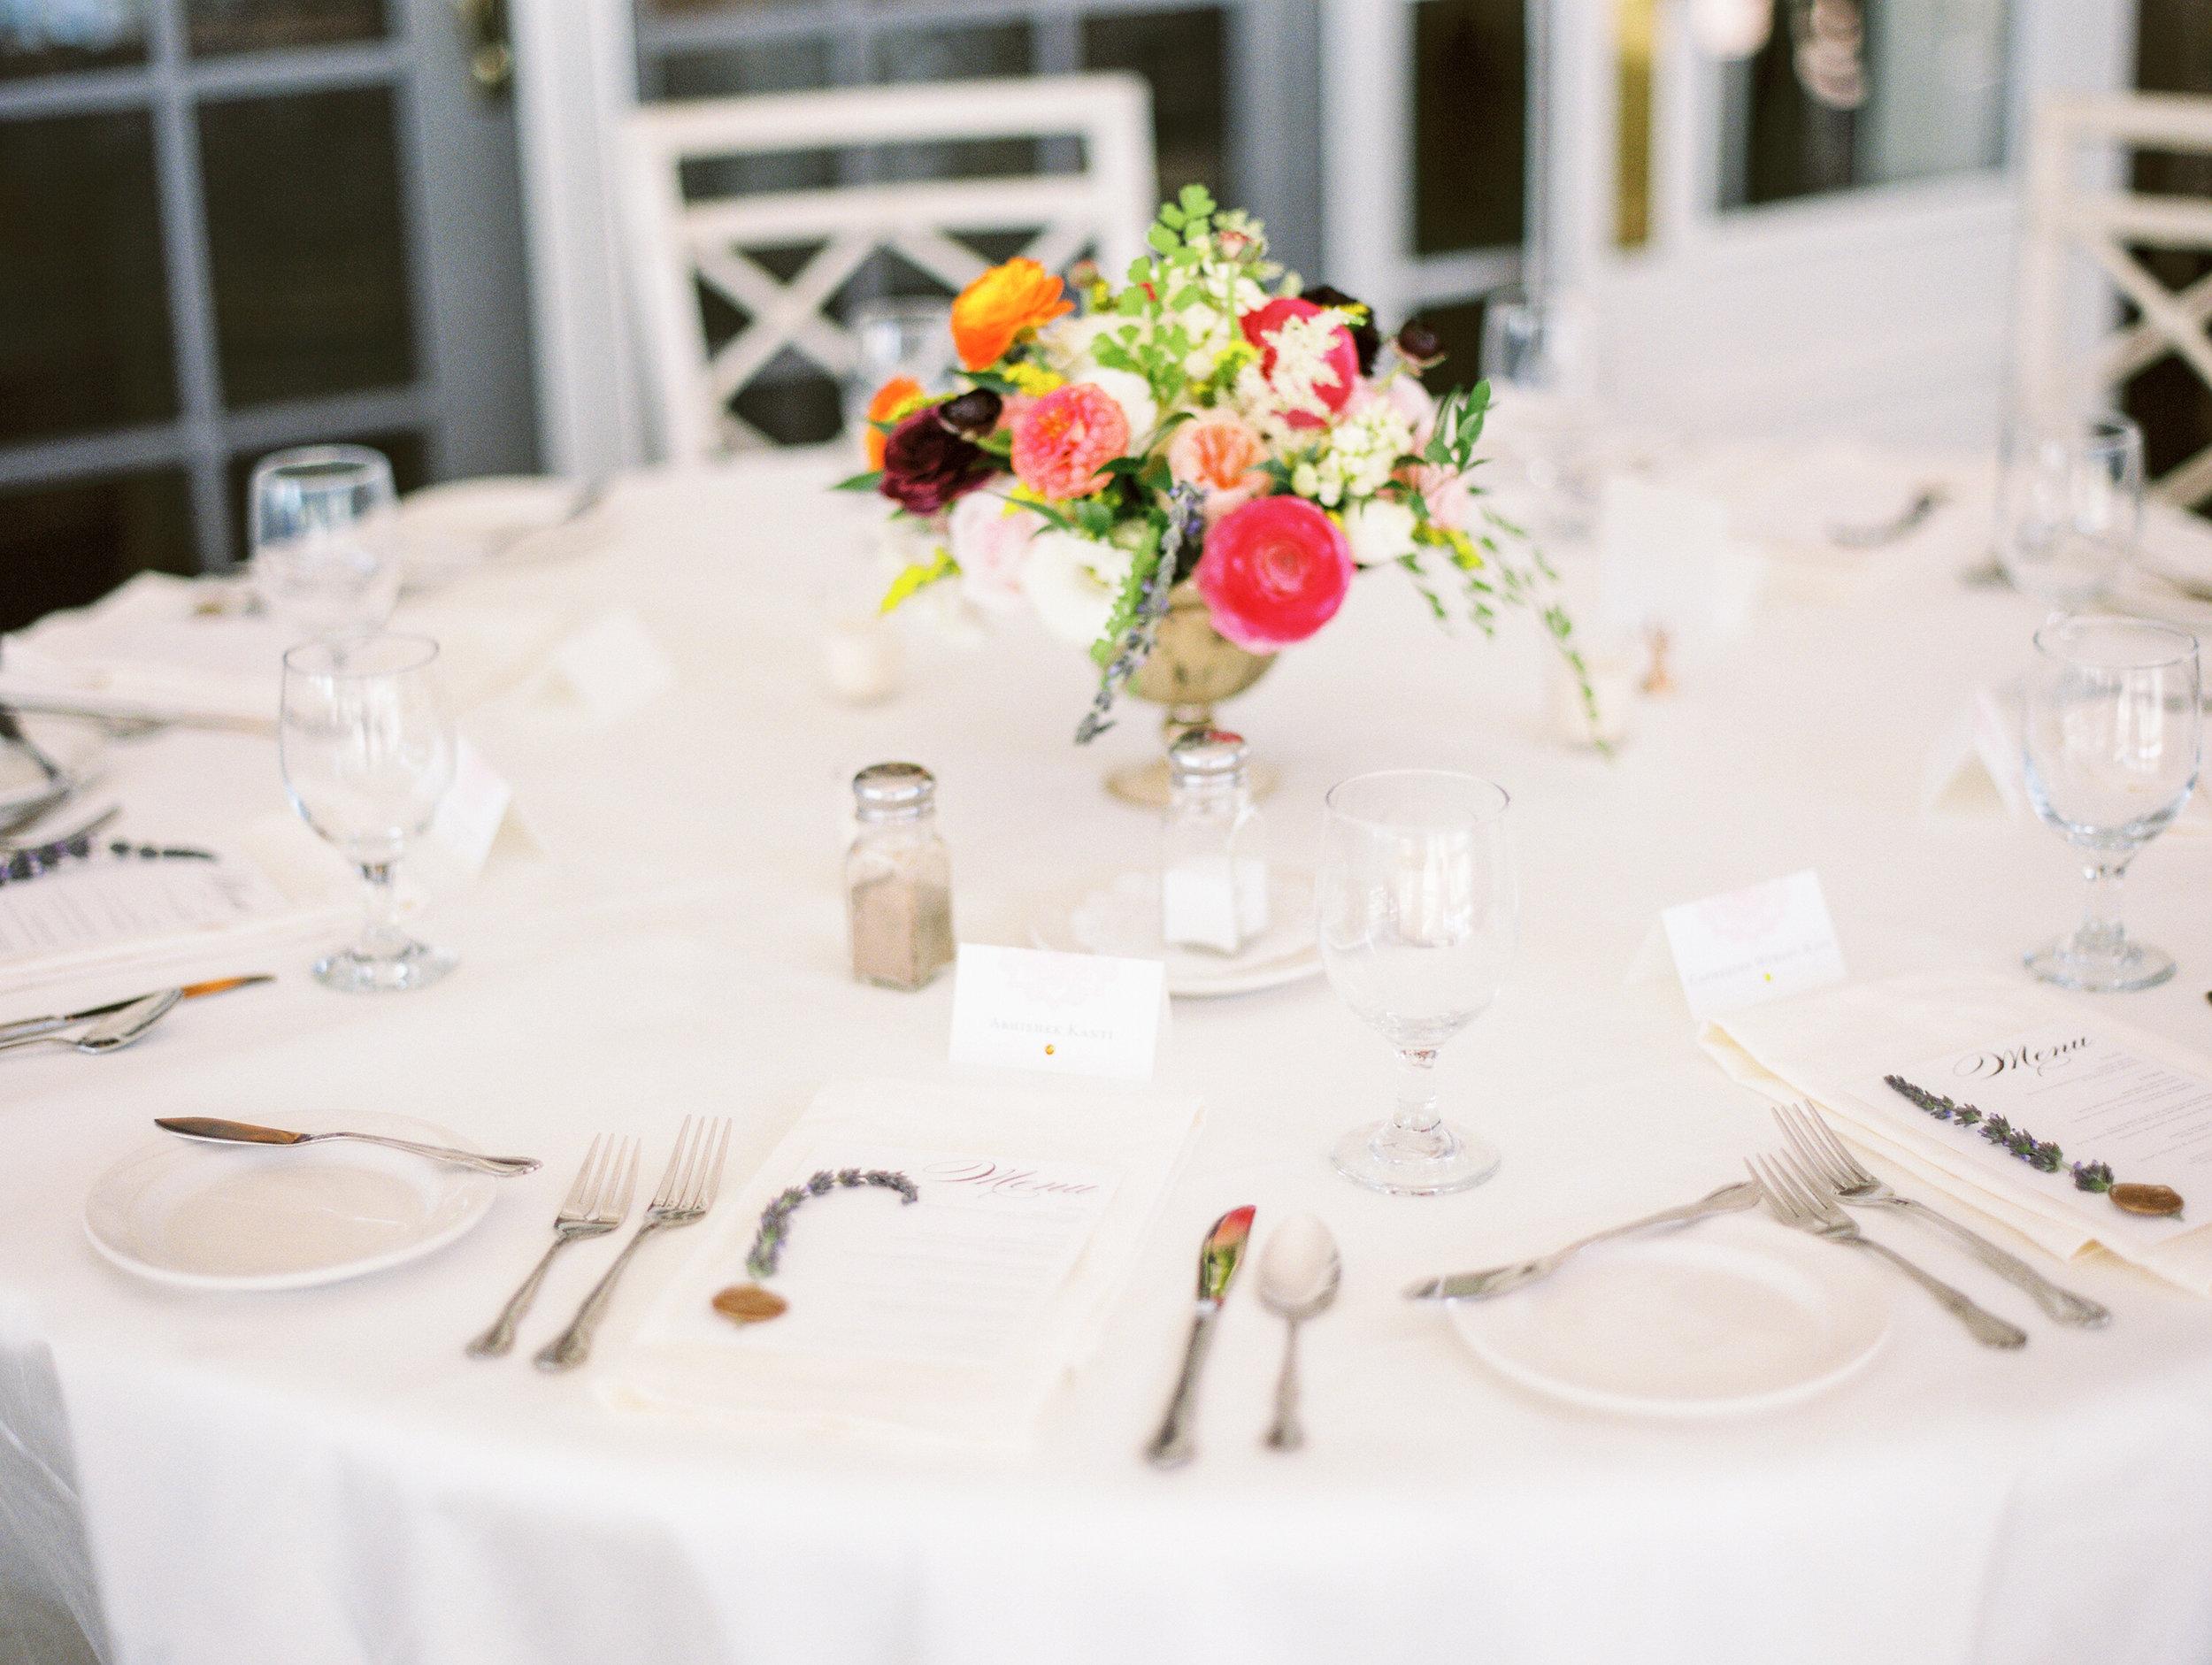 Govathoti+Wedding+Reception+Details-47.jpg